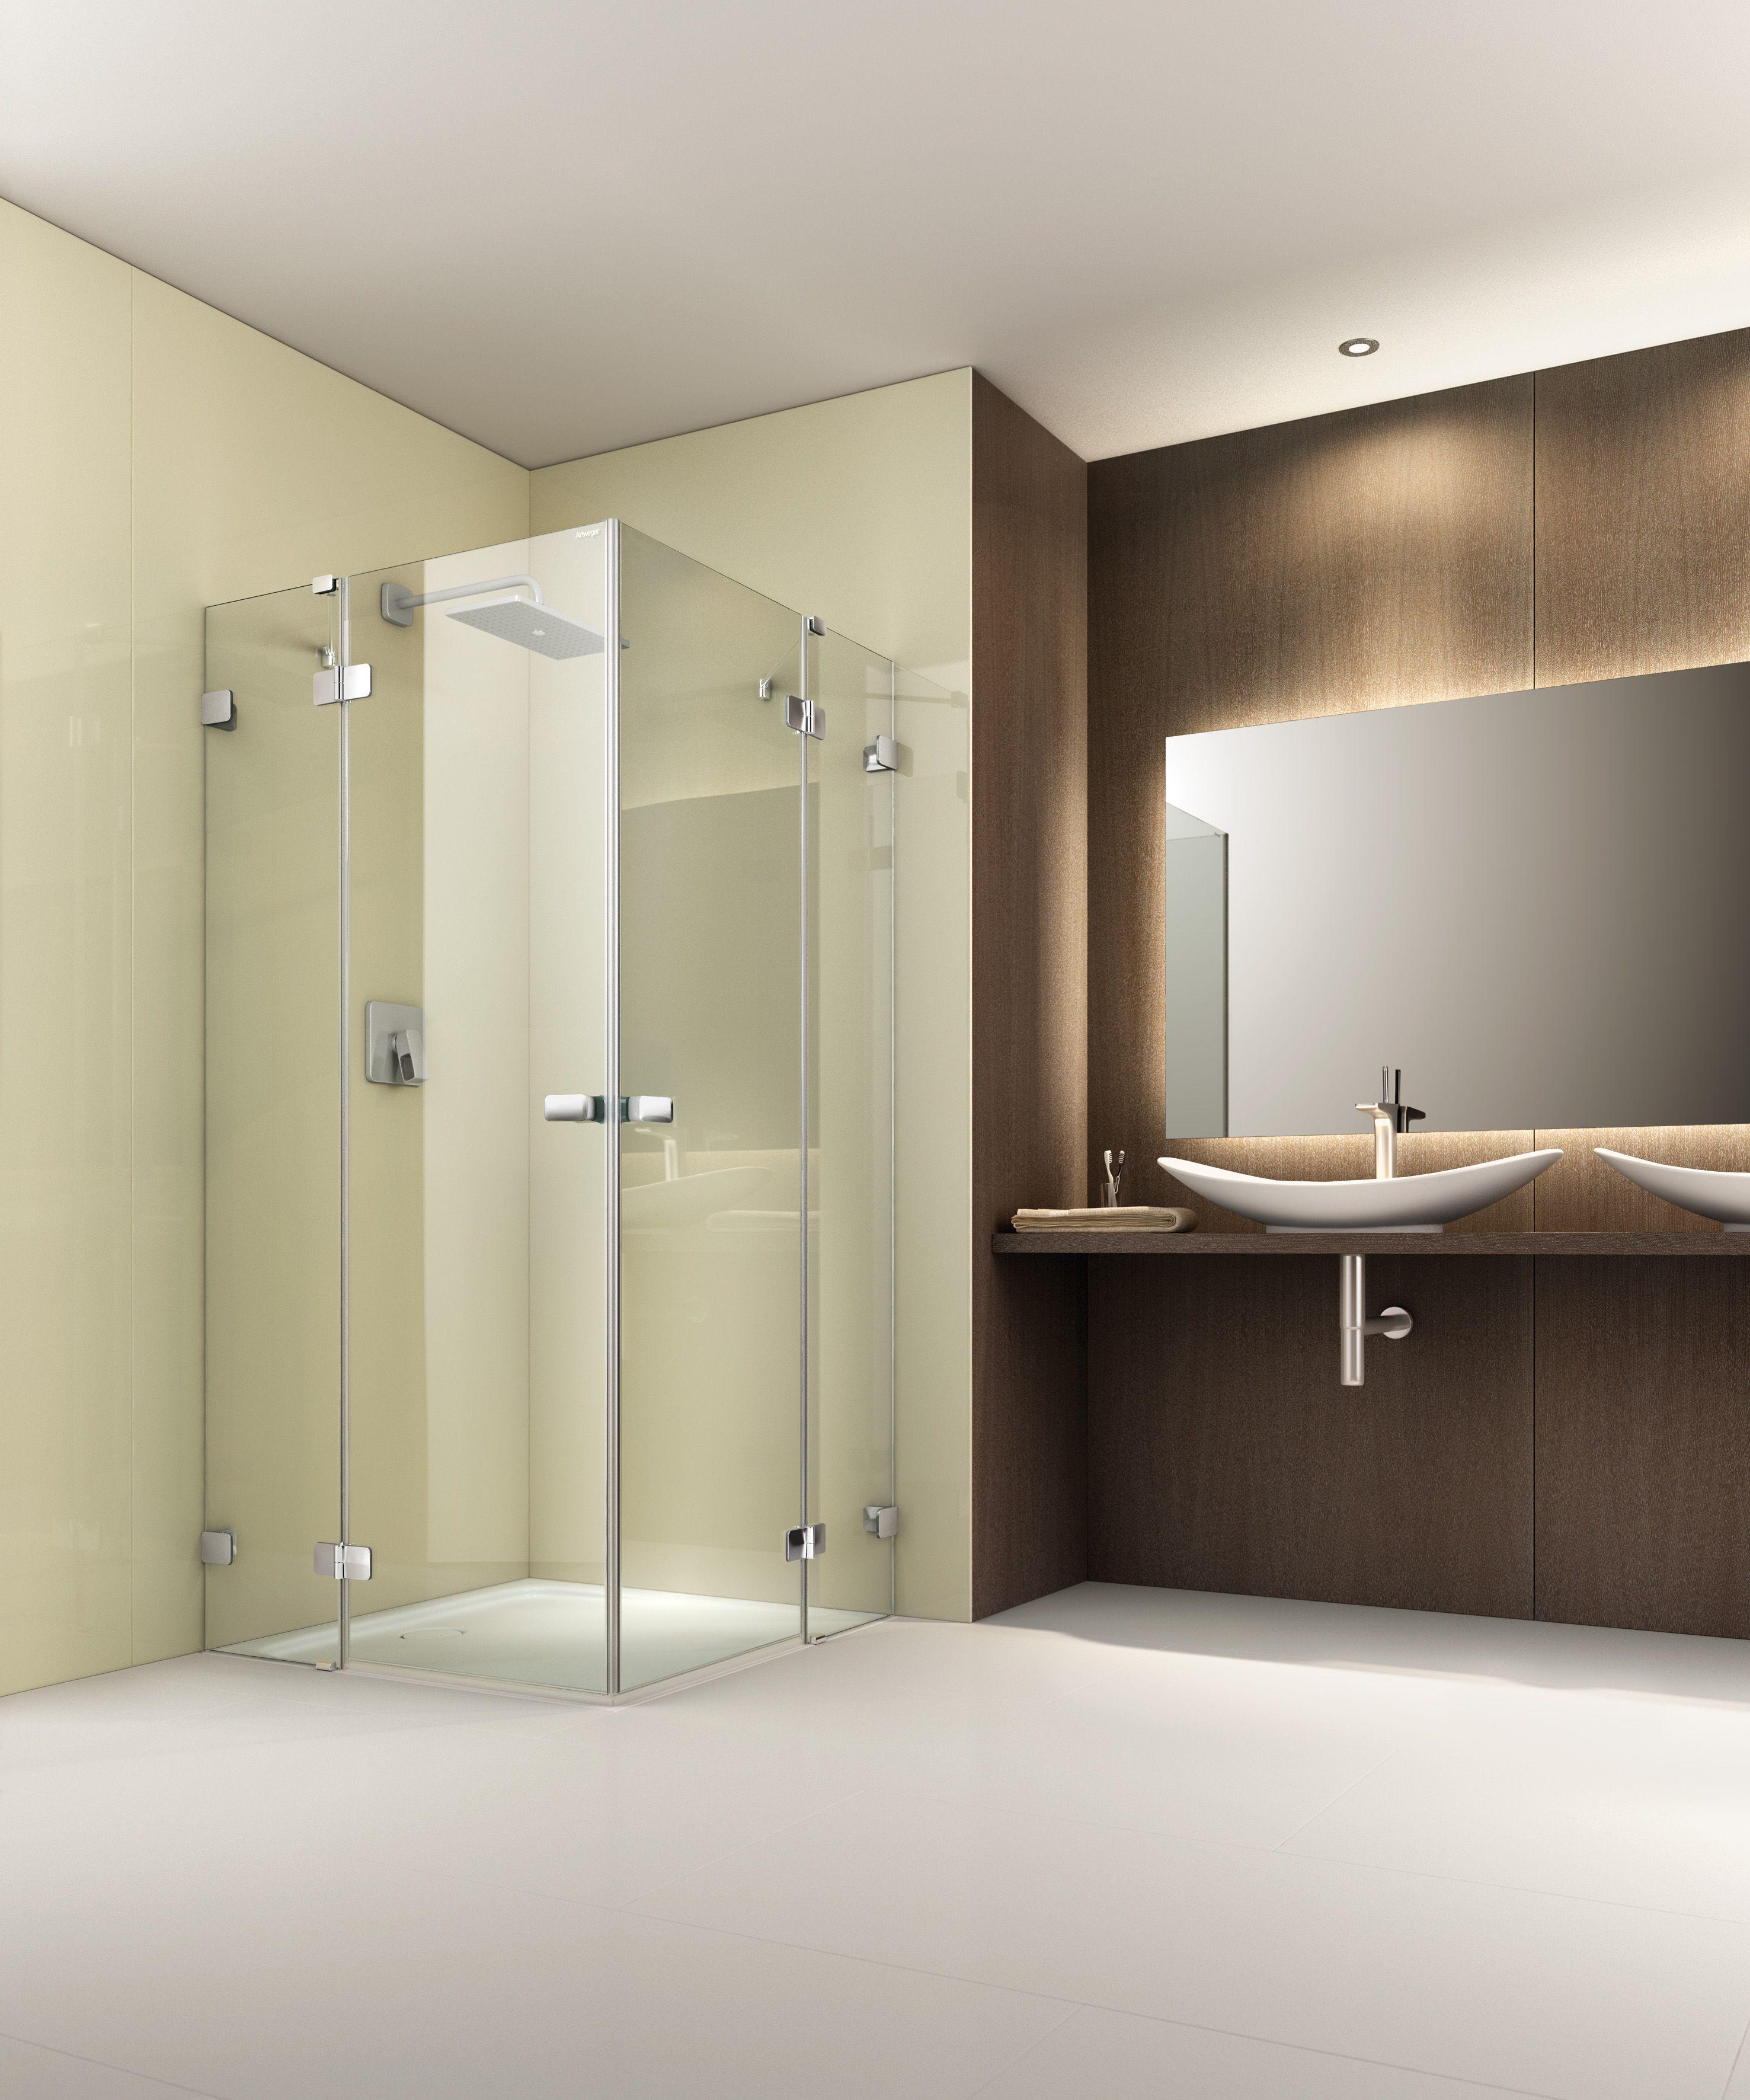 Symmetrische Und Barrierefreie Duschlosung Mit Der Artweger 360 Eckeinstieg Duschabtrennung Besonders Schick Die Rahmen Duschabtrennung Dusche Duschbadewanne